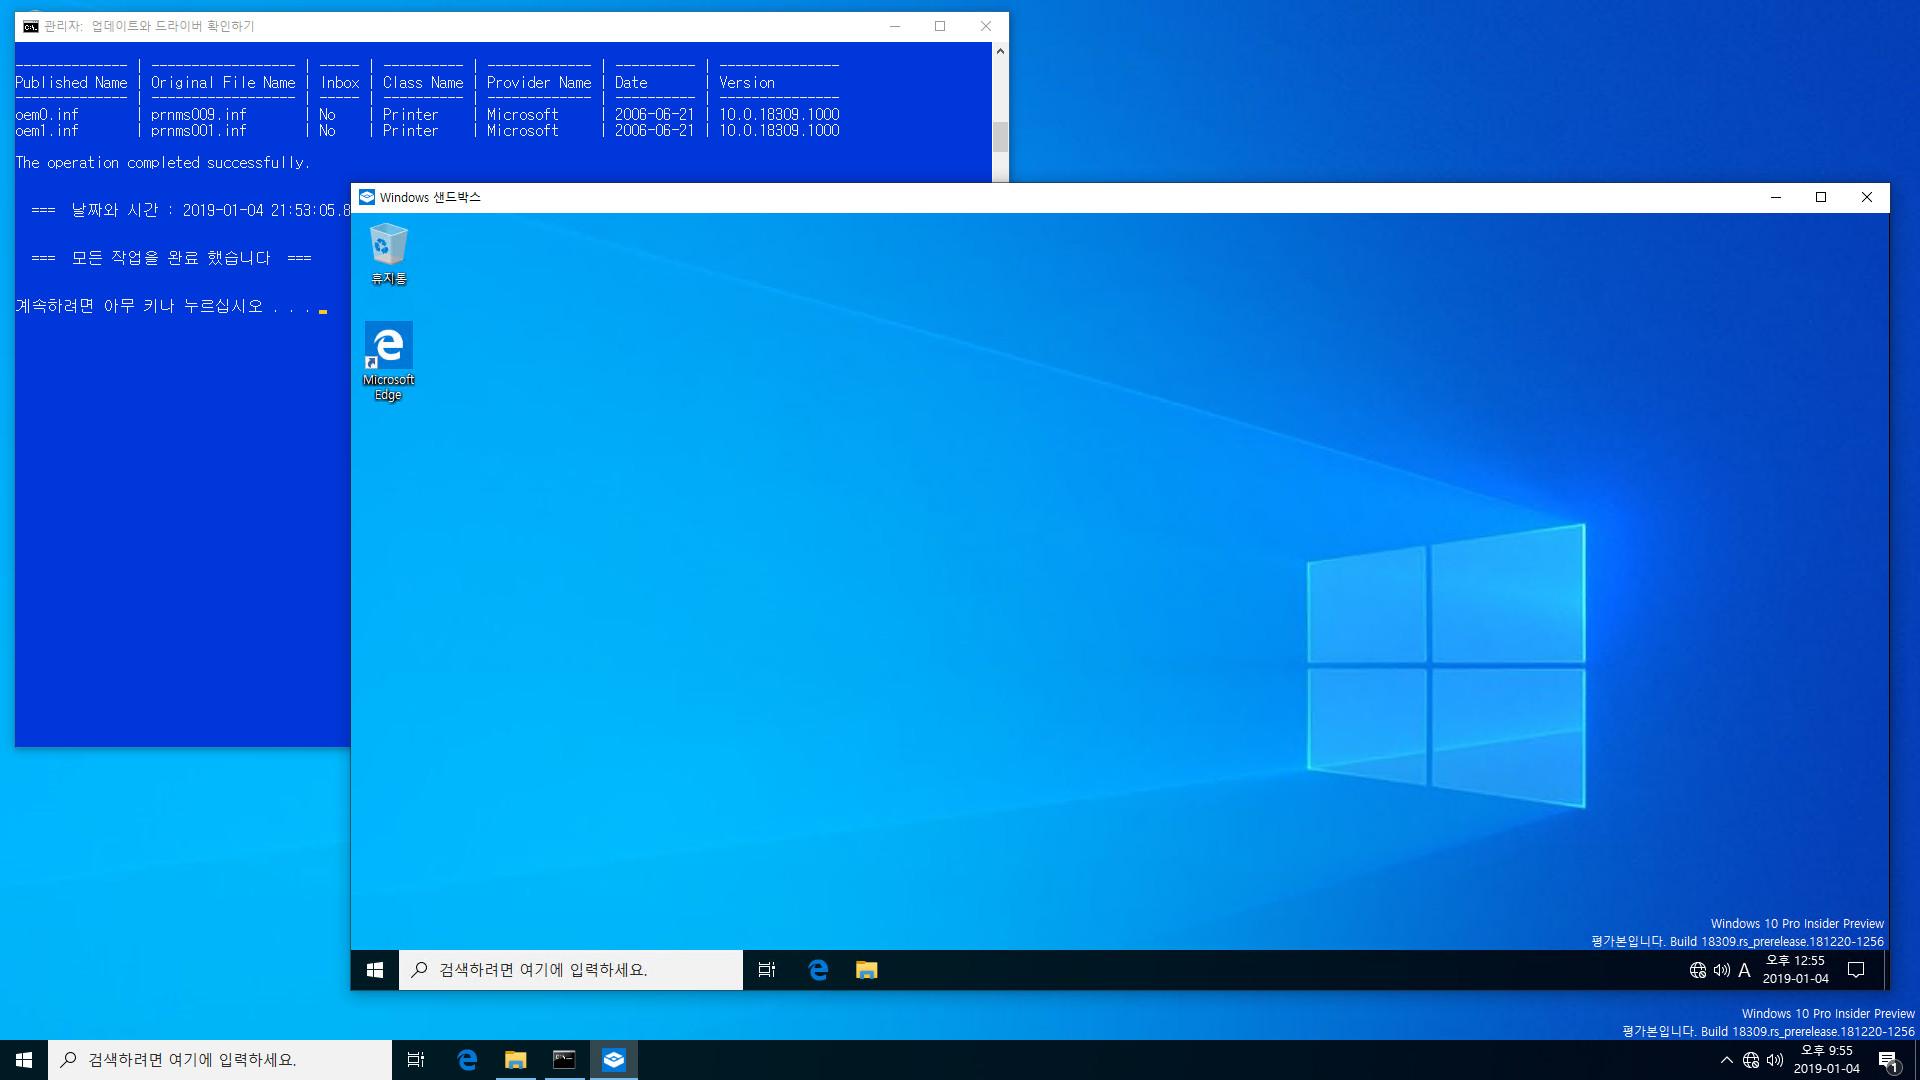 윈도10 19H1 인사이더 프리뷰 18309.1000 빌드 나왔네요 - 실컴에서 Windows Sandbox 테스트 - 어떤 드라이버가 충돌을 일으키는지 확인 테스트2 [랜선 뽑고] - Sandbox는 미리 기능 켬 - 윈도 내장 드라이버만 설치됨 - Sandbox 잘 실행됨 2019-01-04_215535.jpg